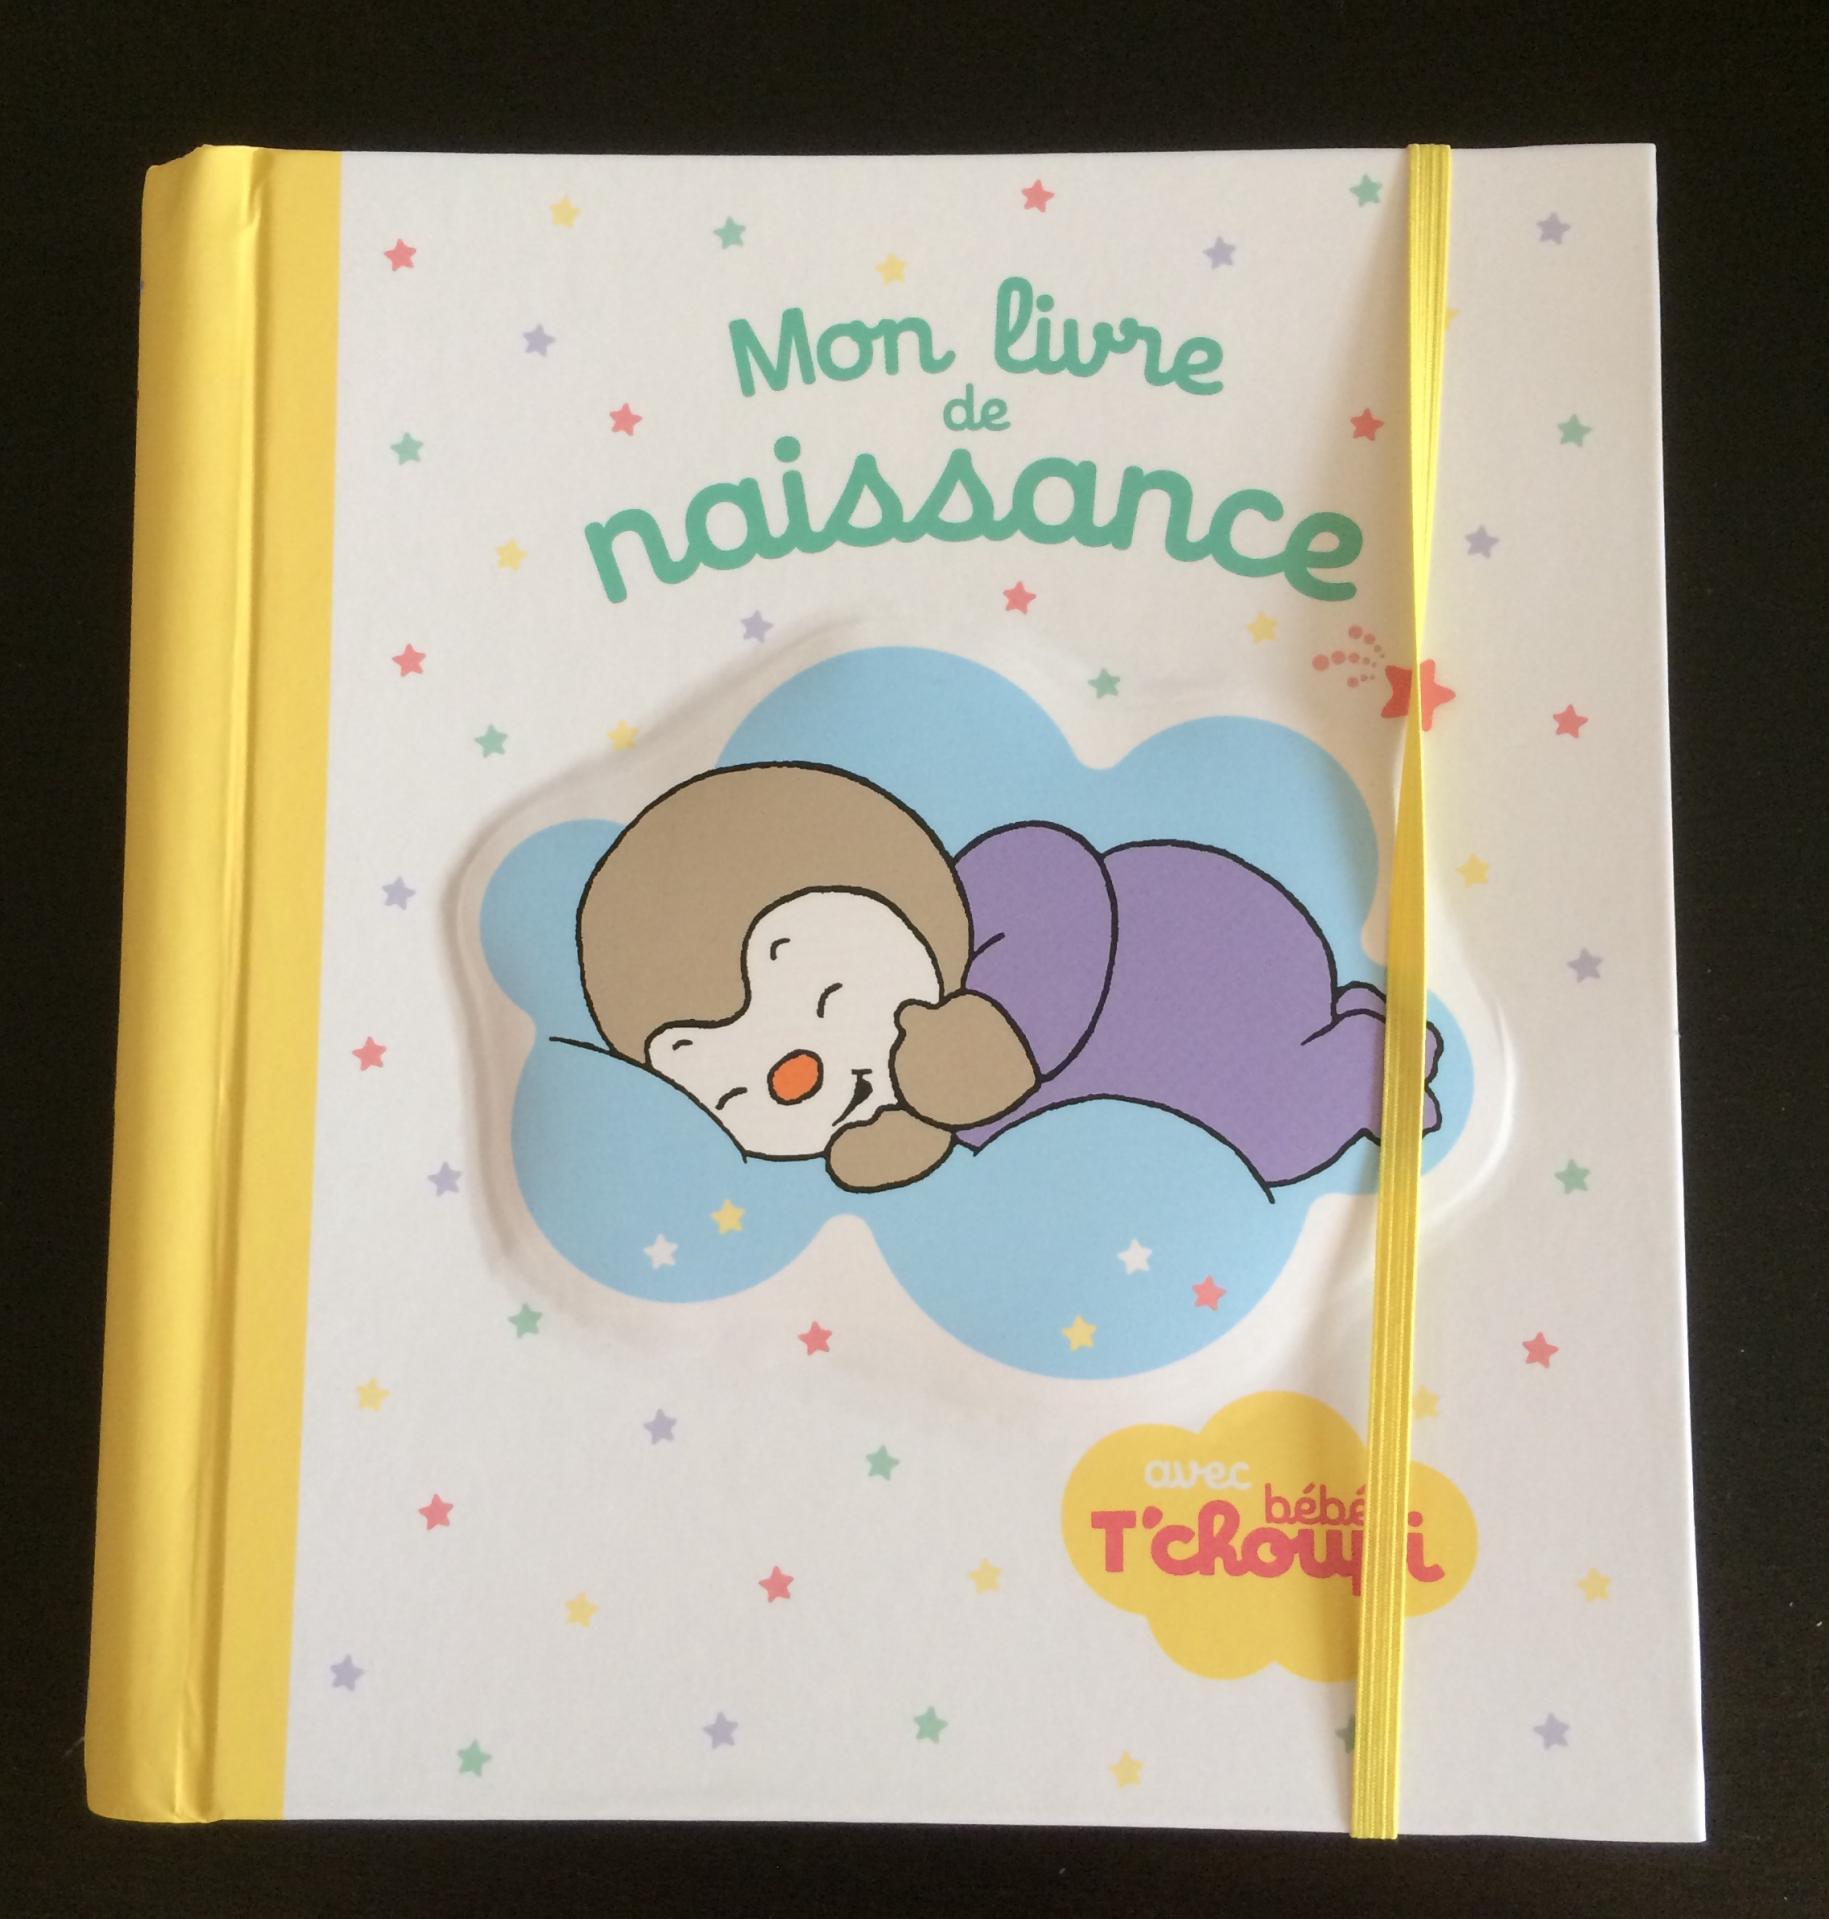 Mon livre de naissance avec bébé t'choupi